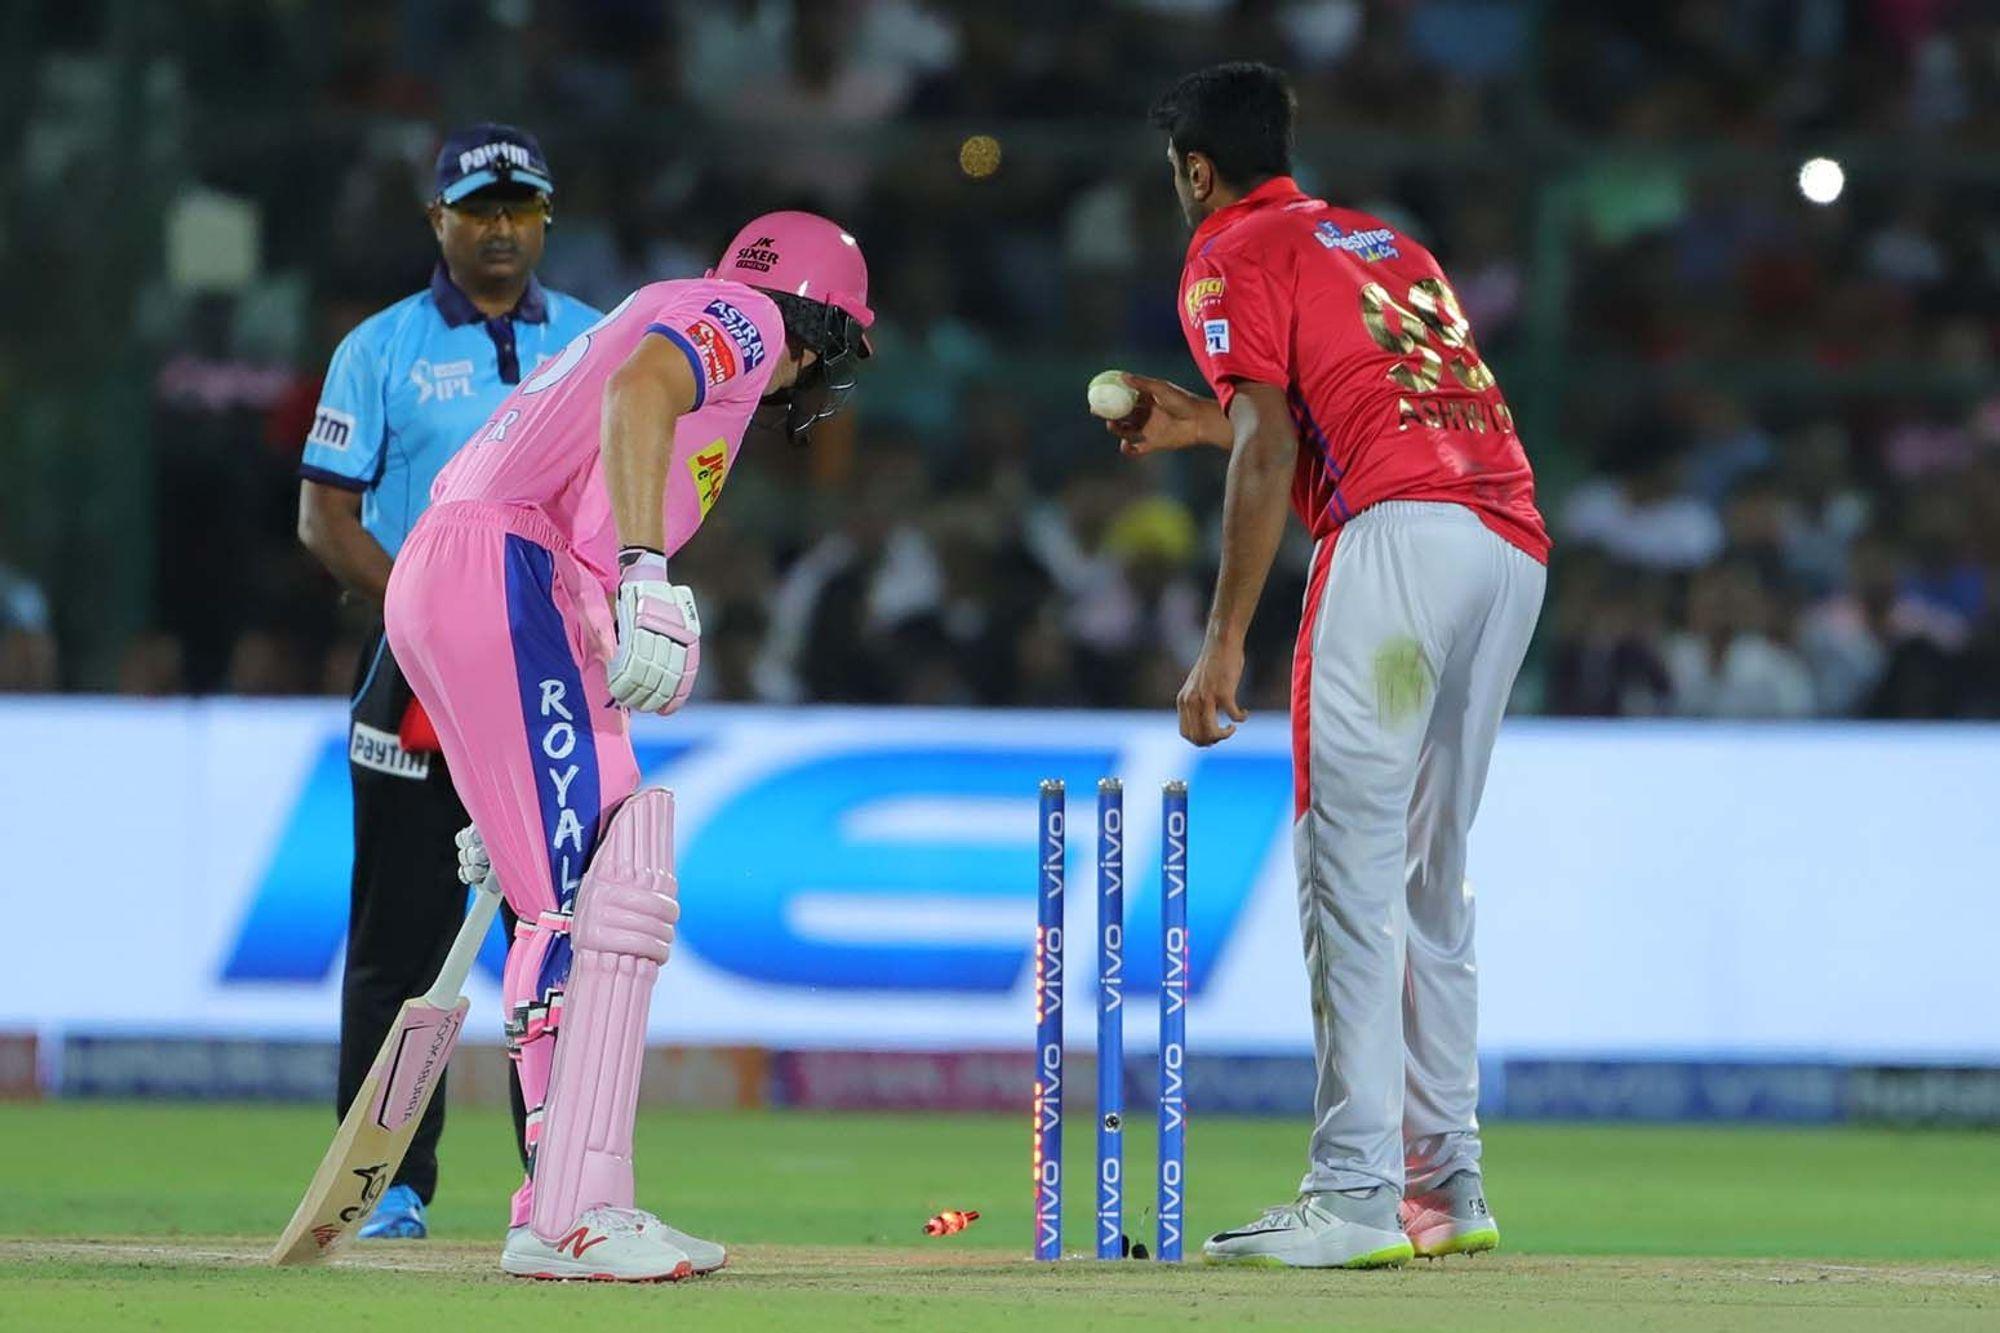 5 मौके जब गेंदबाज ने मांकडिंग कर अपनी टीम को जीताया मैच, टॉप पर हैं भारतीय विश्वविजेता कप्तान 1